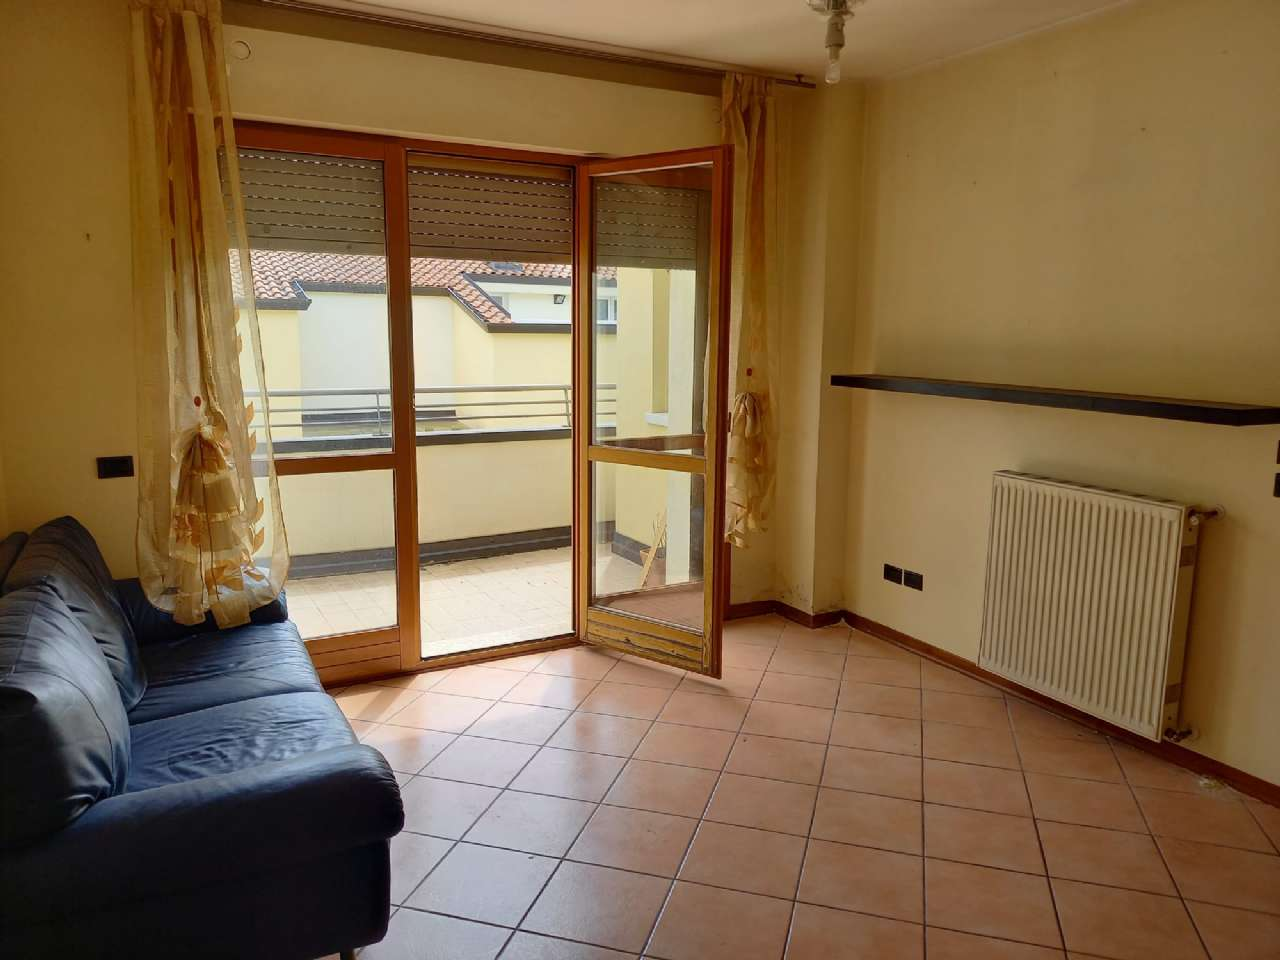 Appartamento in vendita a Monte San Pietro, 4 locali, prezzo € 160.000 | PortaleAgenzieImmobiliari.it